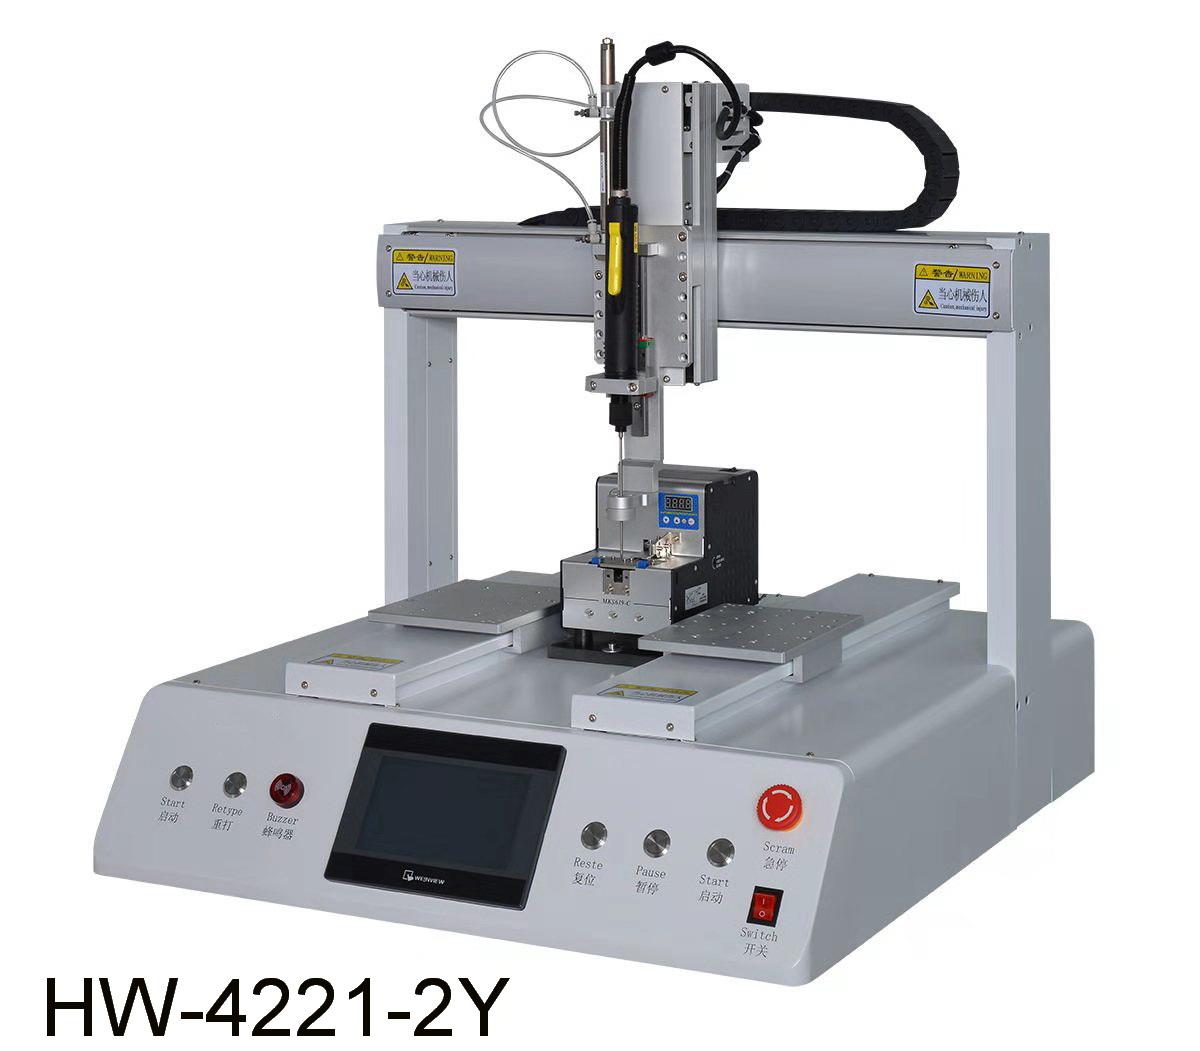 自动锁螺丝机HW-4221-2Y(磁吸式)机械参数